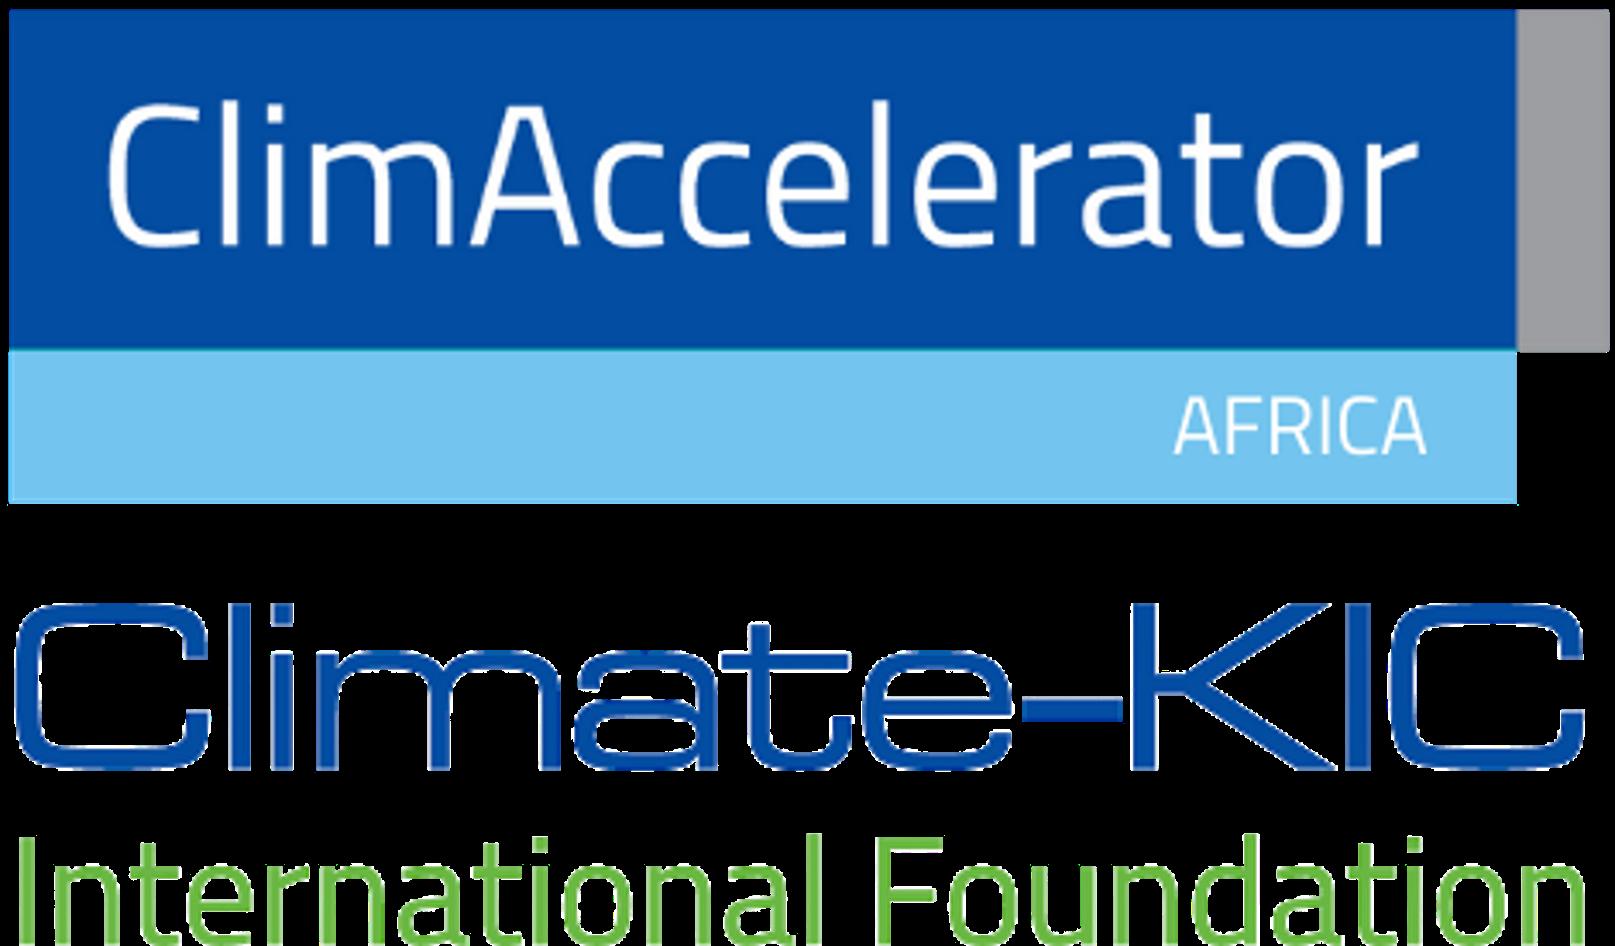 Africa ClimAccelerator -